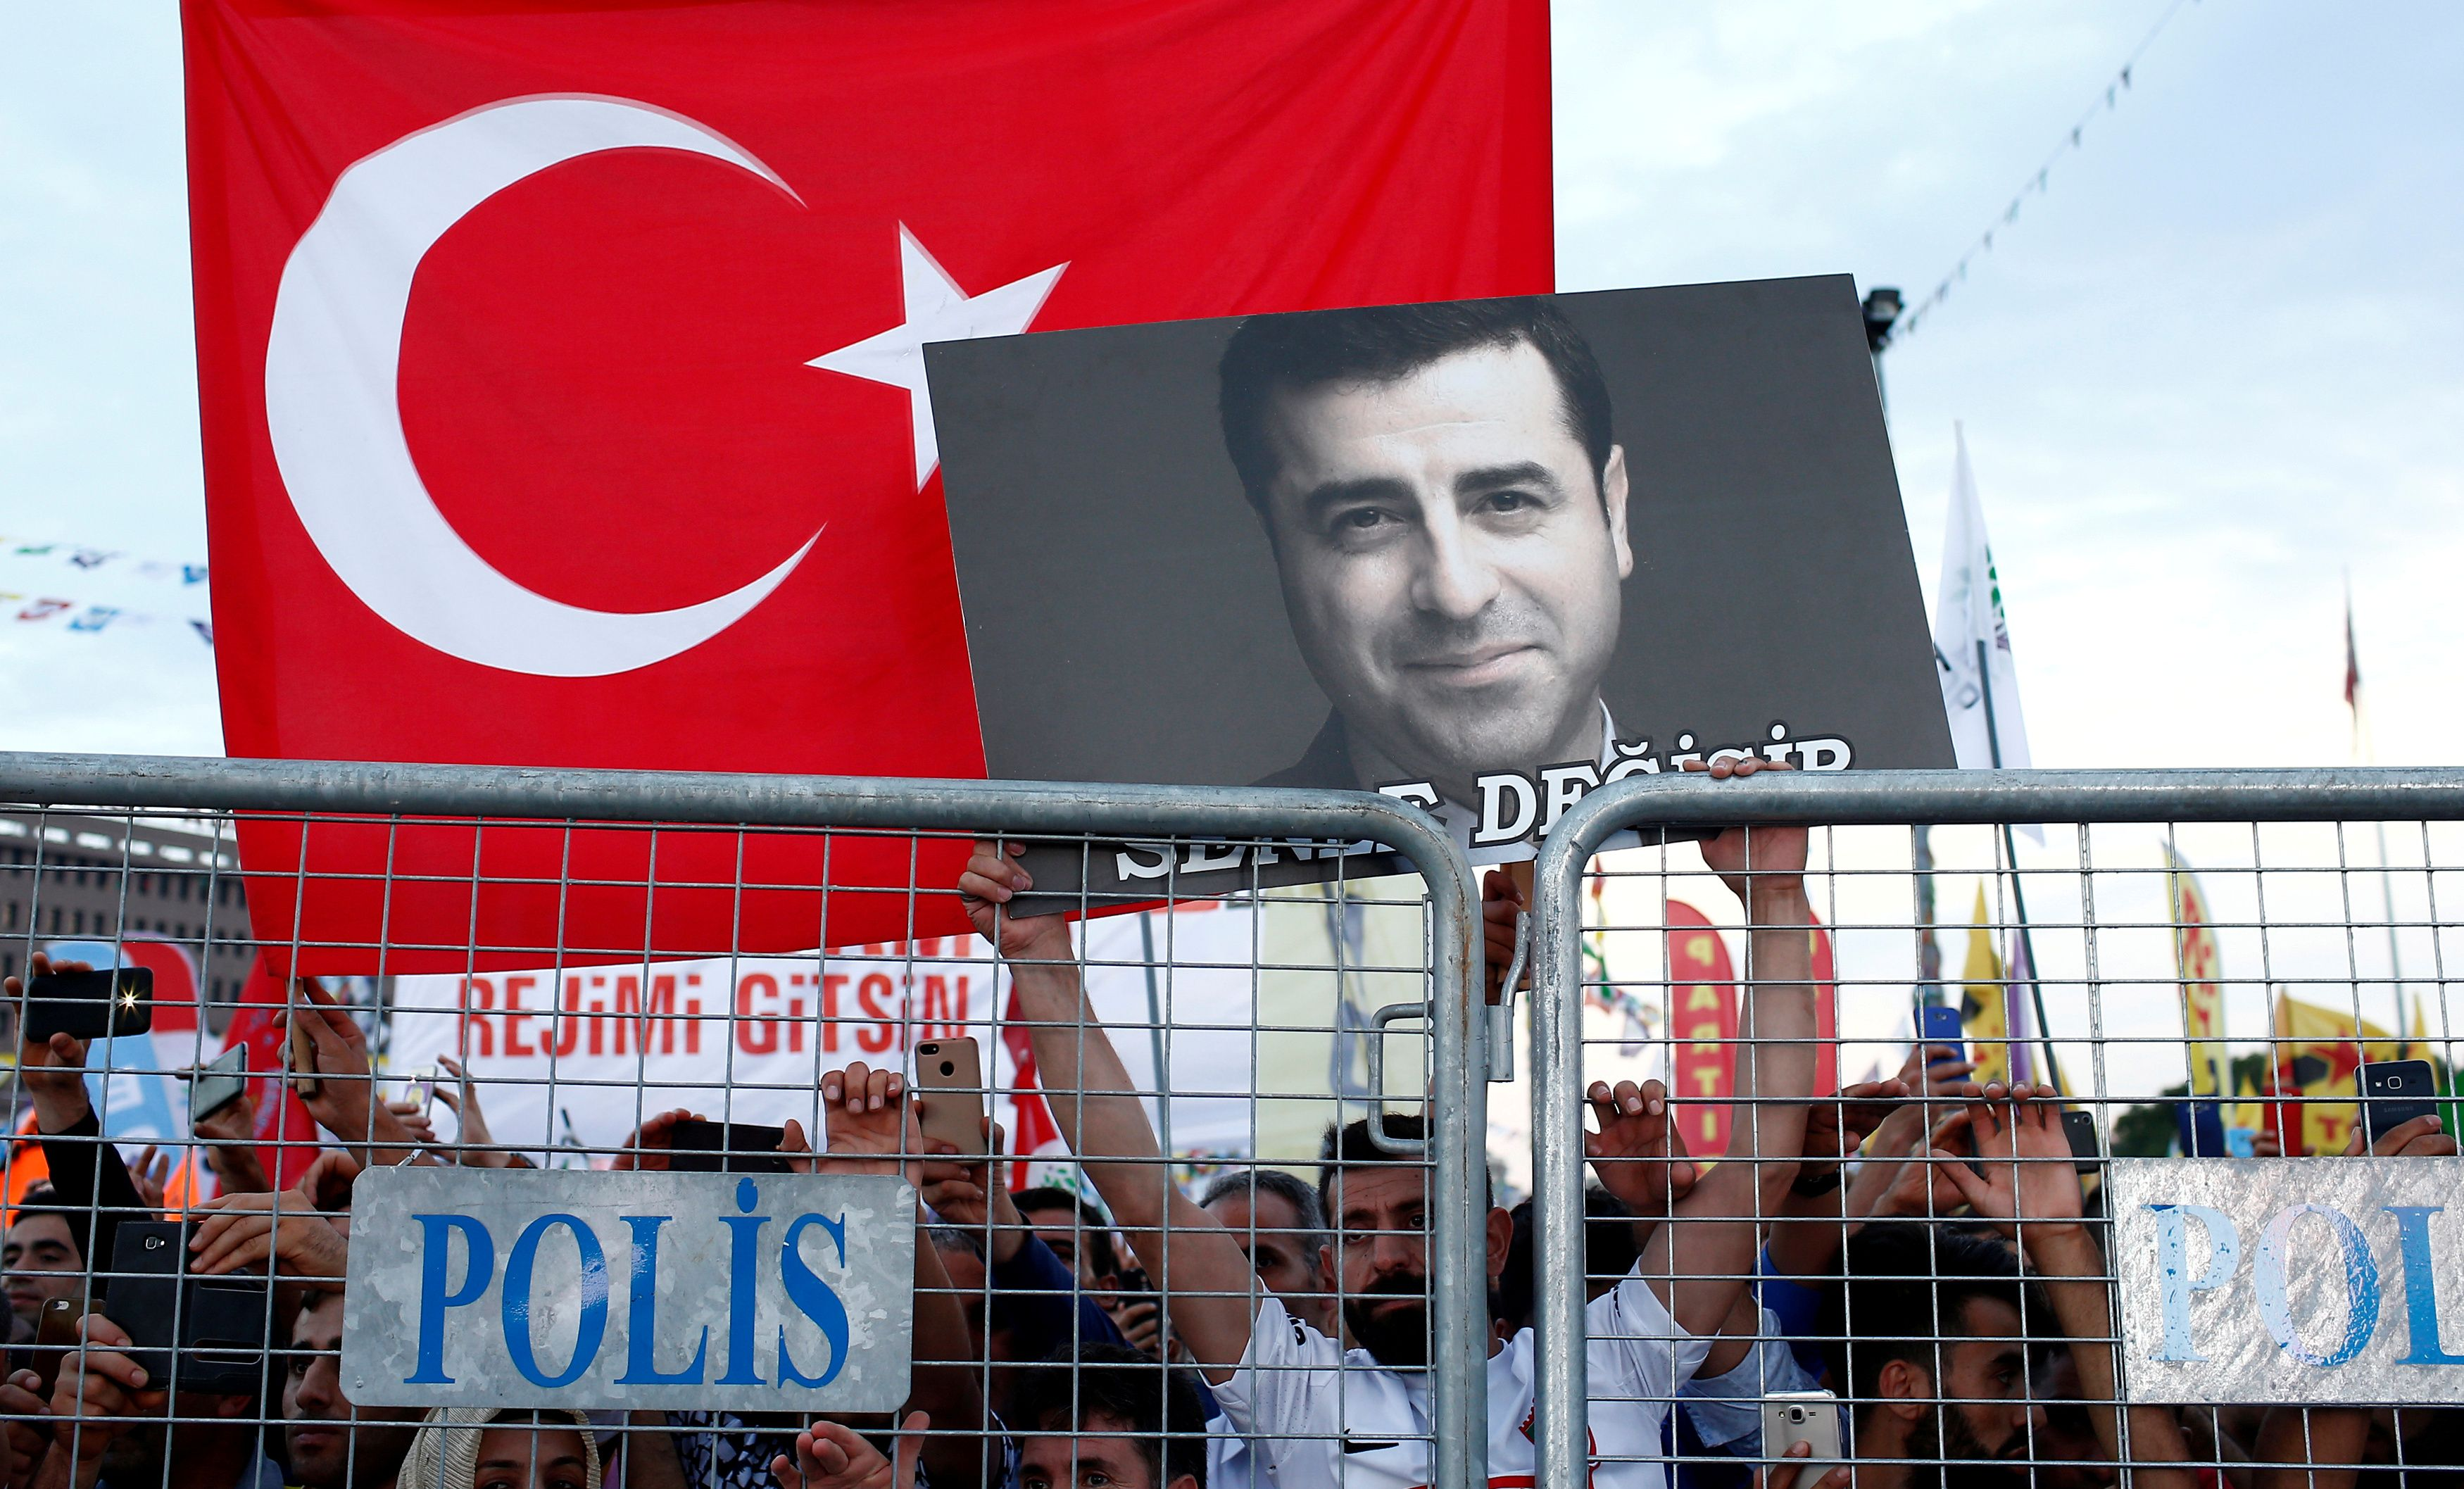 Τουρκία: Κάλεσμα Ντεμιρτάς στα κόμματα της αντιπολίτευσης να ενωθούν απέναντι στον Ερντογάν